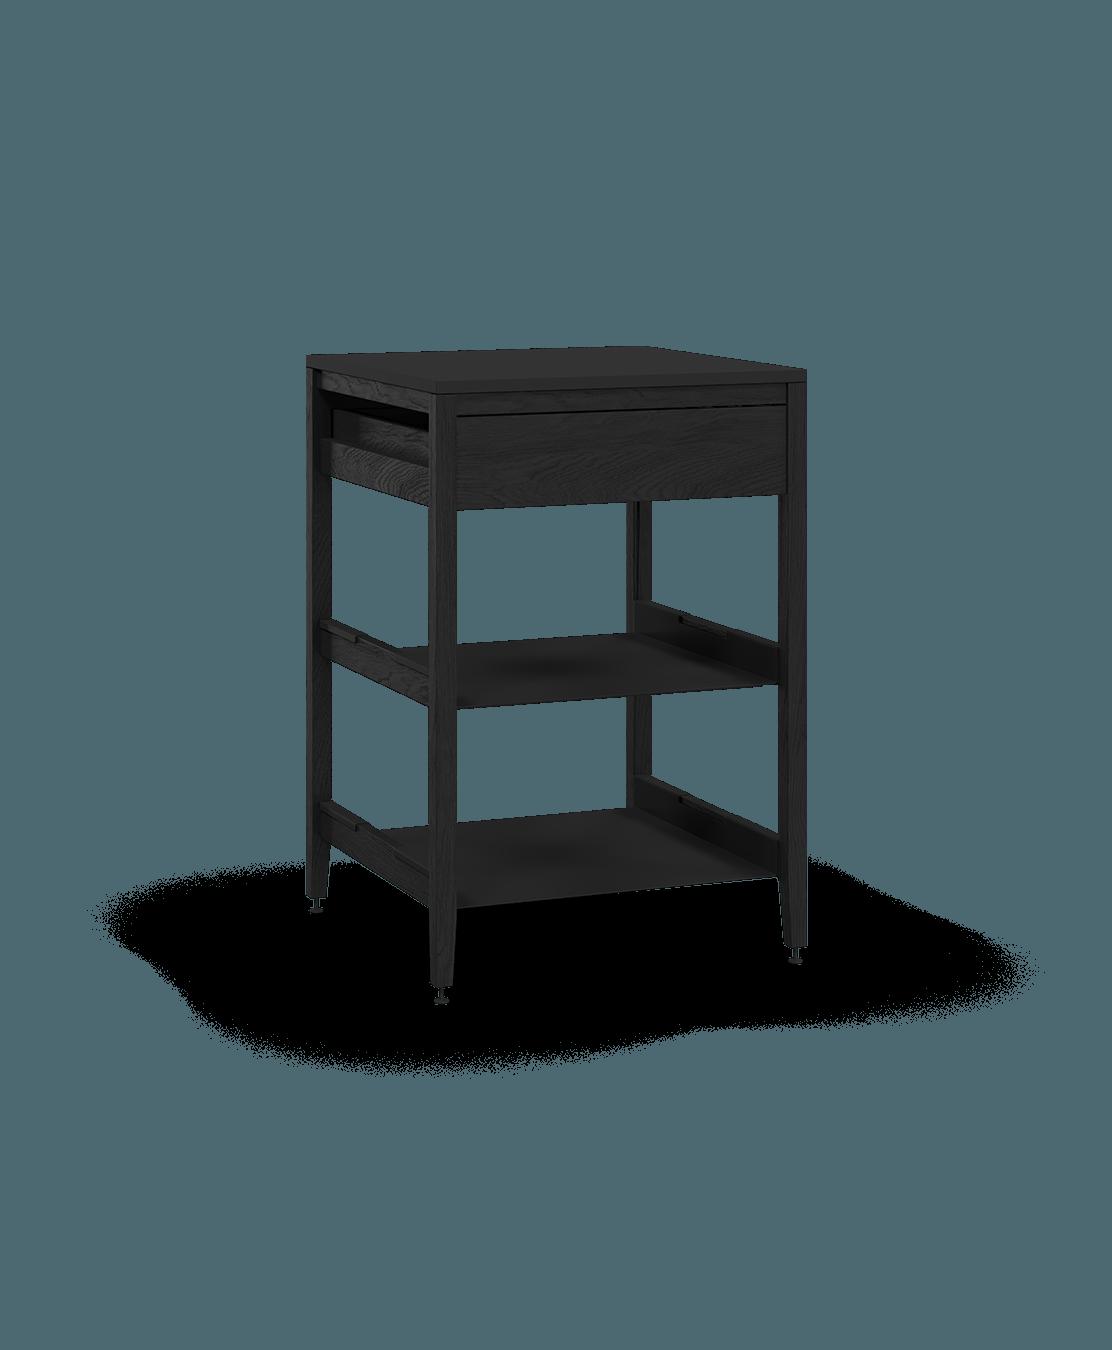 armoire de cuisine modulaire inférieure en bois massif coquo radix avec 2 tablettes 1 tiroir chêne teint noir nuit profonde 24 pouces C1-C-24SB-1022-BK